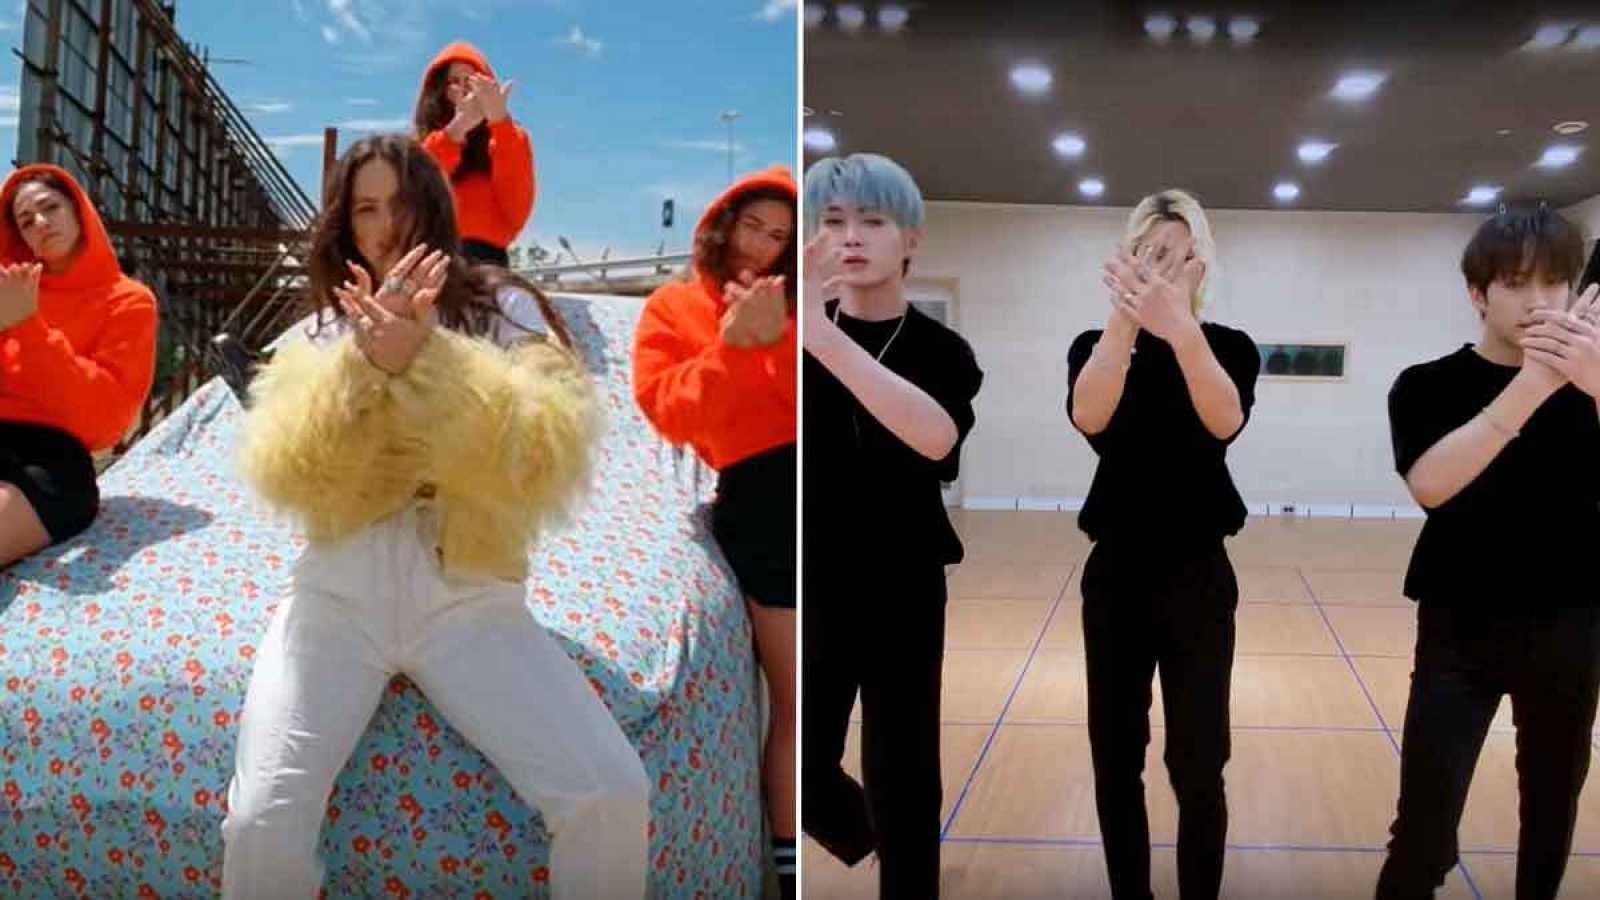 Imagen del vídeoclip de Rosalía y del viral de OnlyOneOf